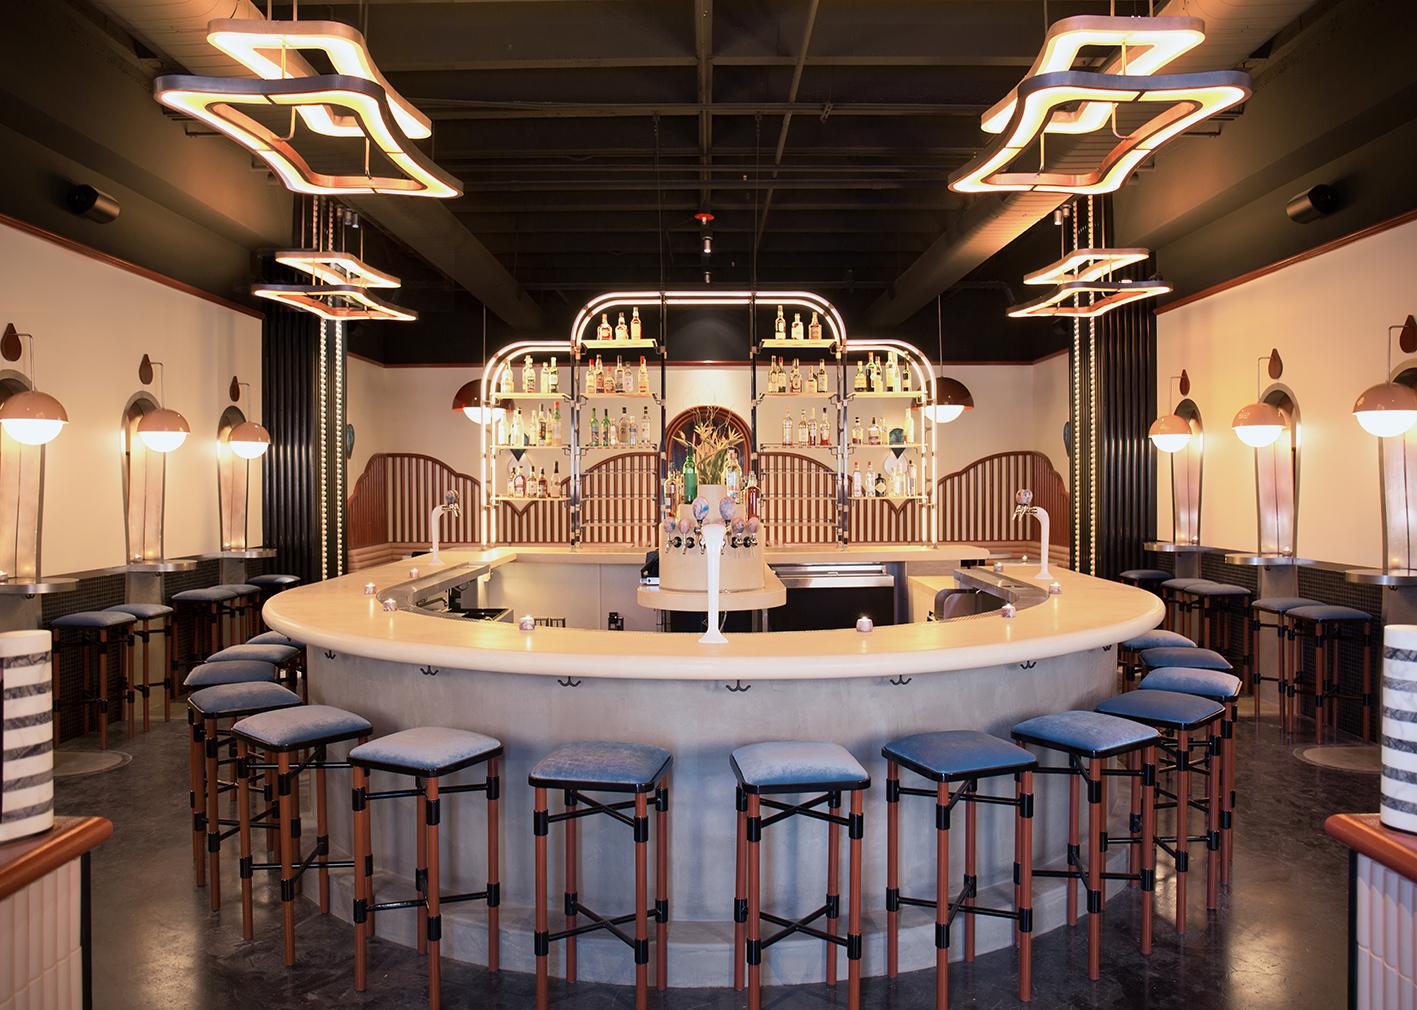 Bibo Ergo Sum in LA designed by Home Studios